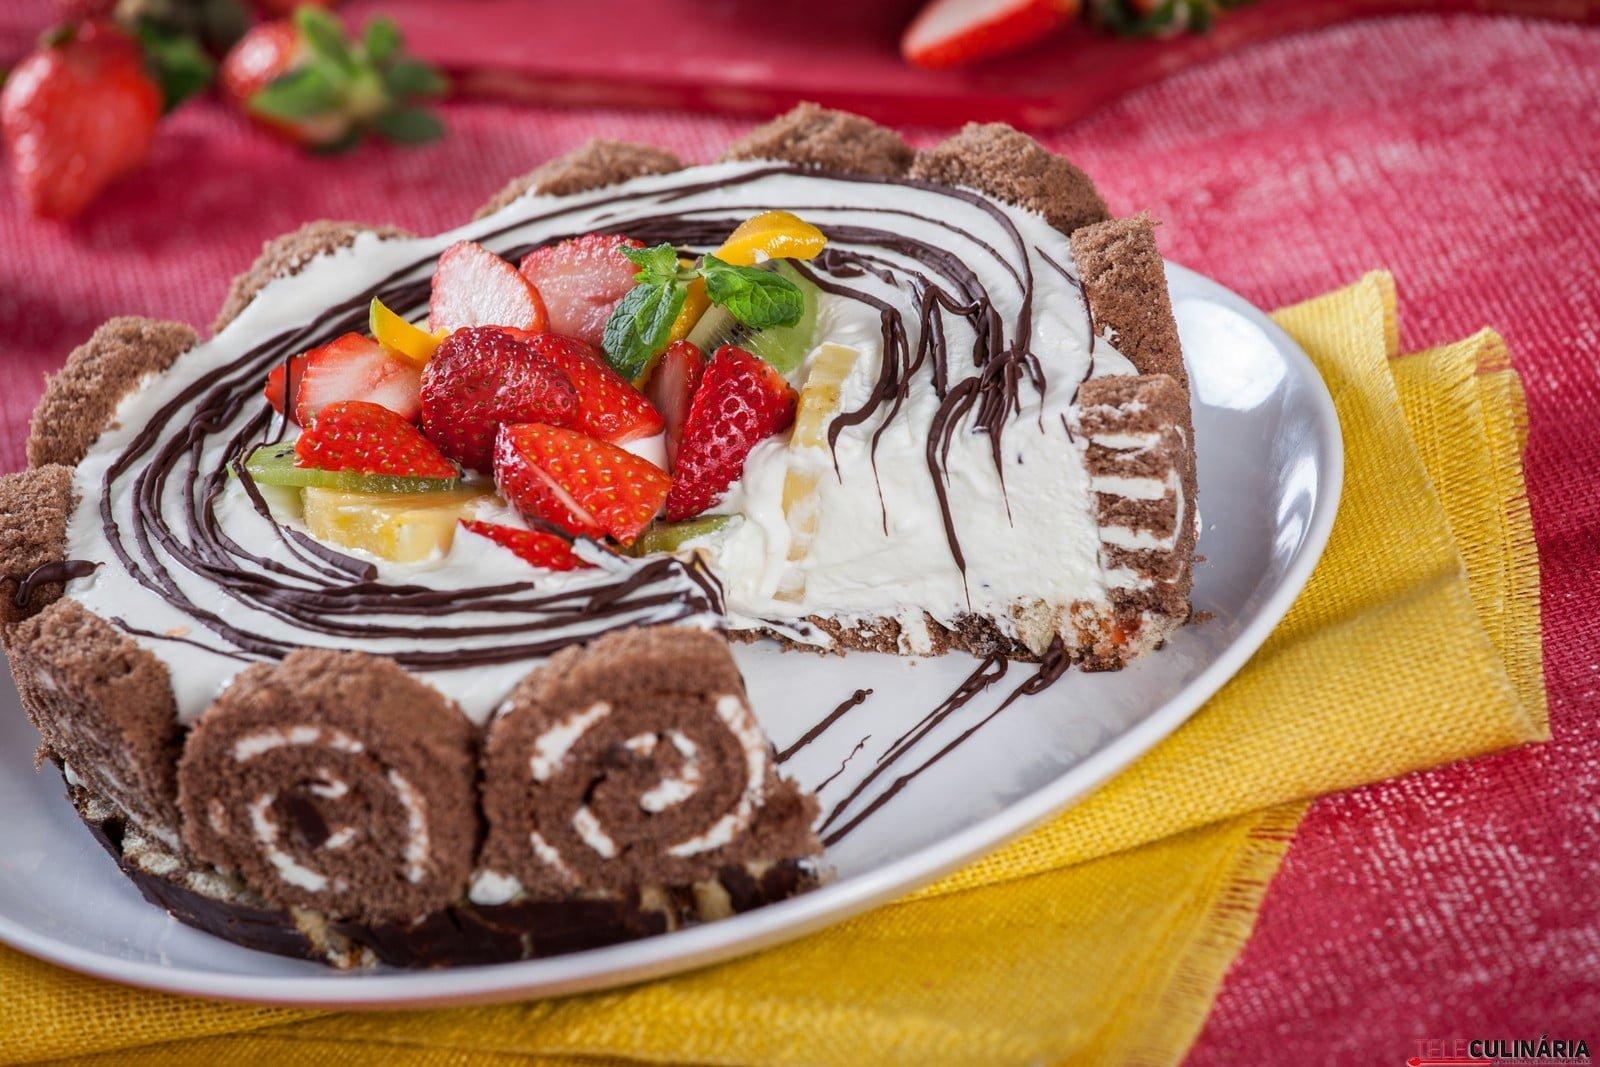 Semifrio de natas e chocolate CHLM 87